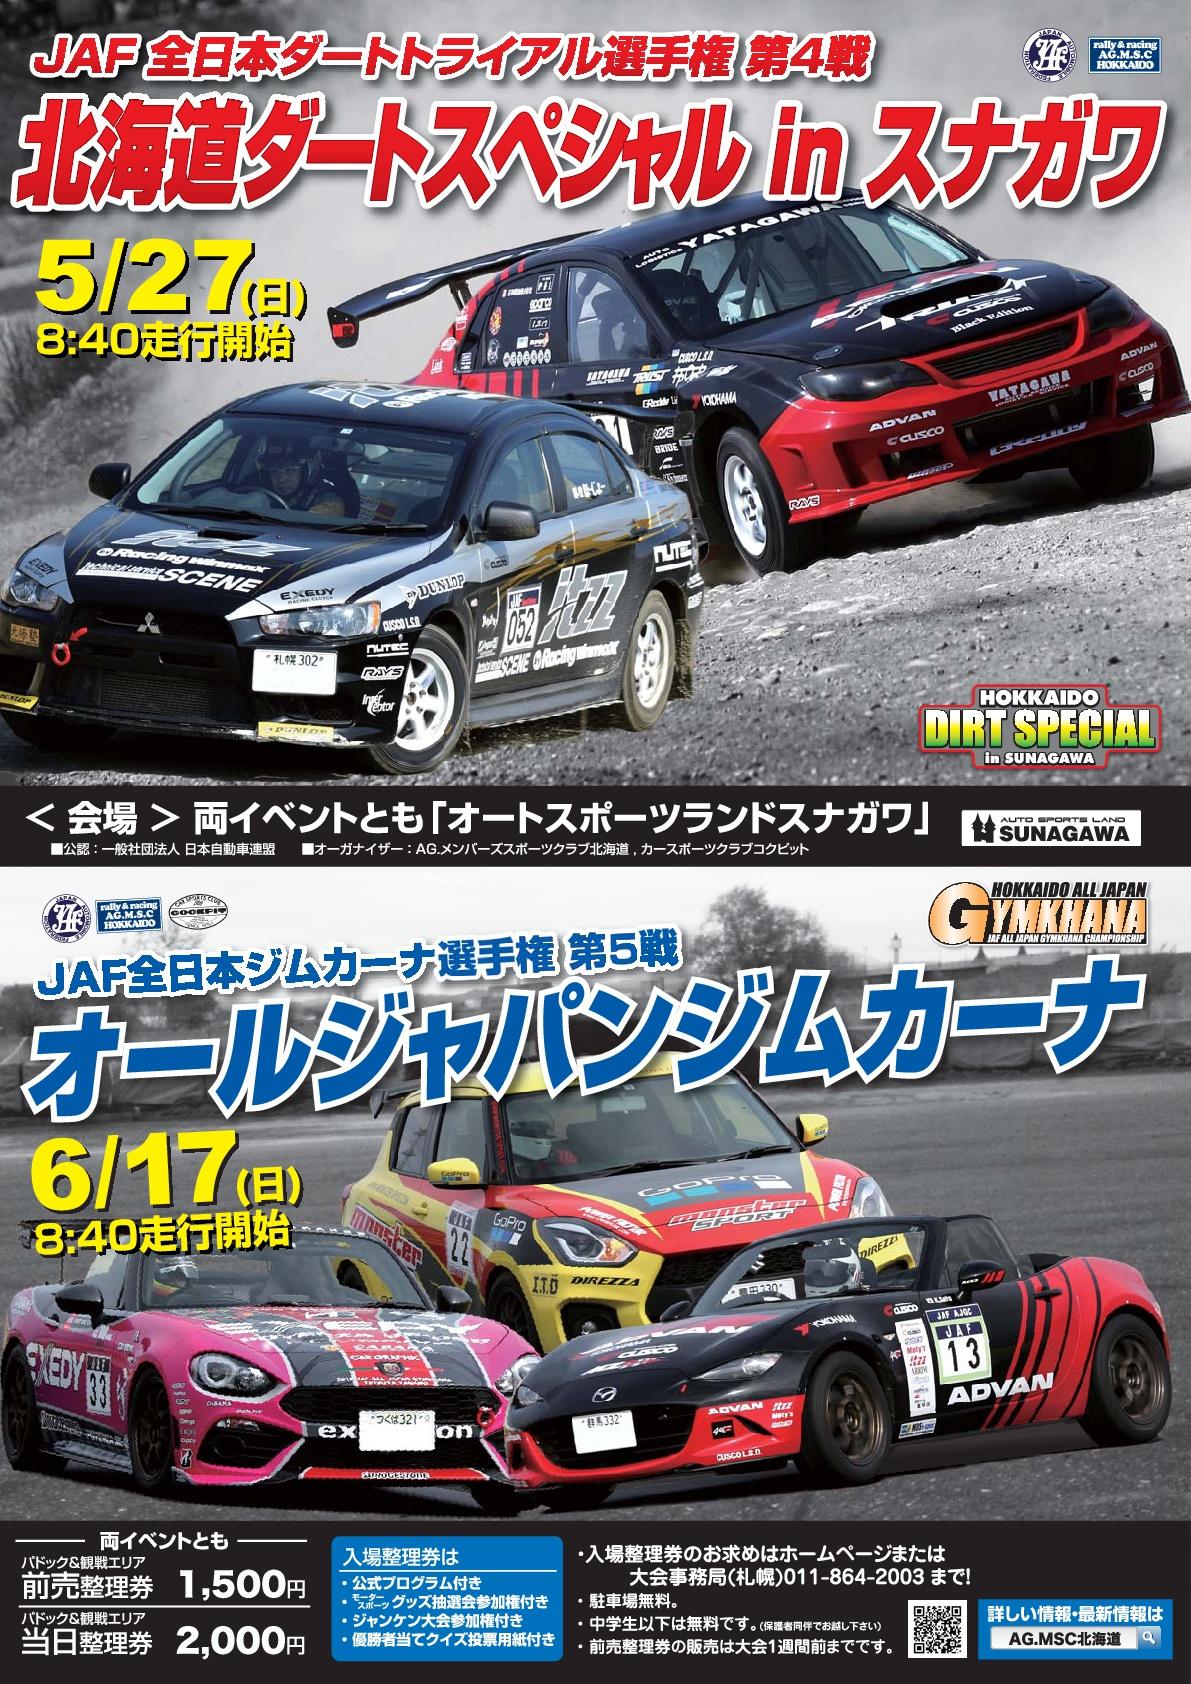 JAF全日本ジムカーナ選手権第5戦オールジャパンジムカーナ(2018年)のポスター